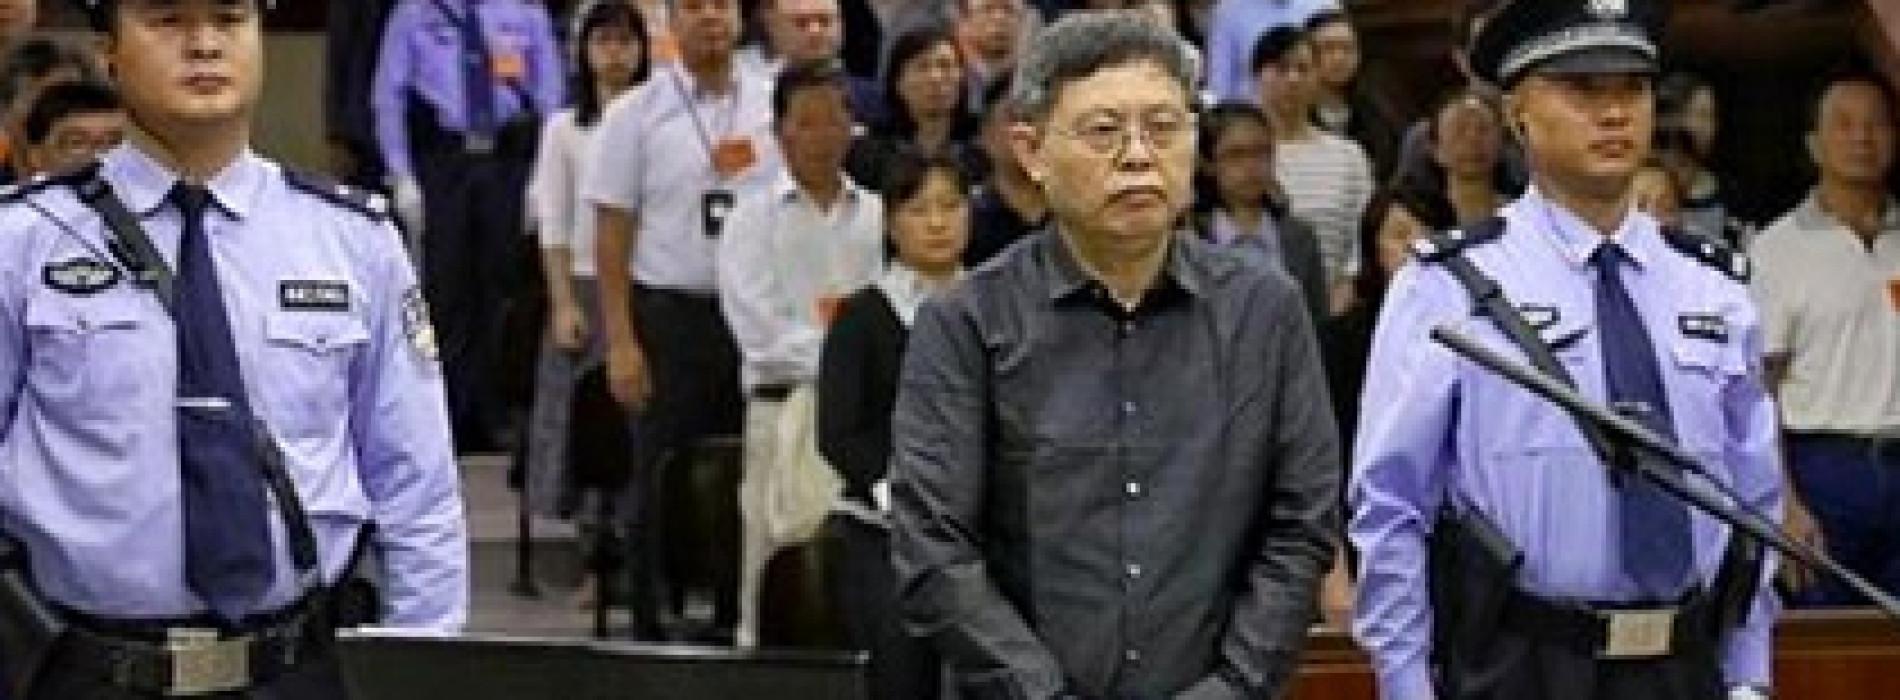 В Китае чиновника приговорили к пожизненному сроку